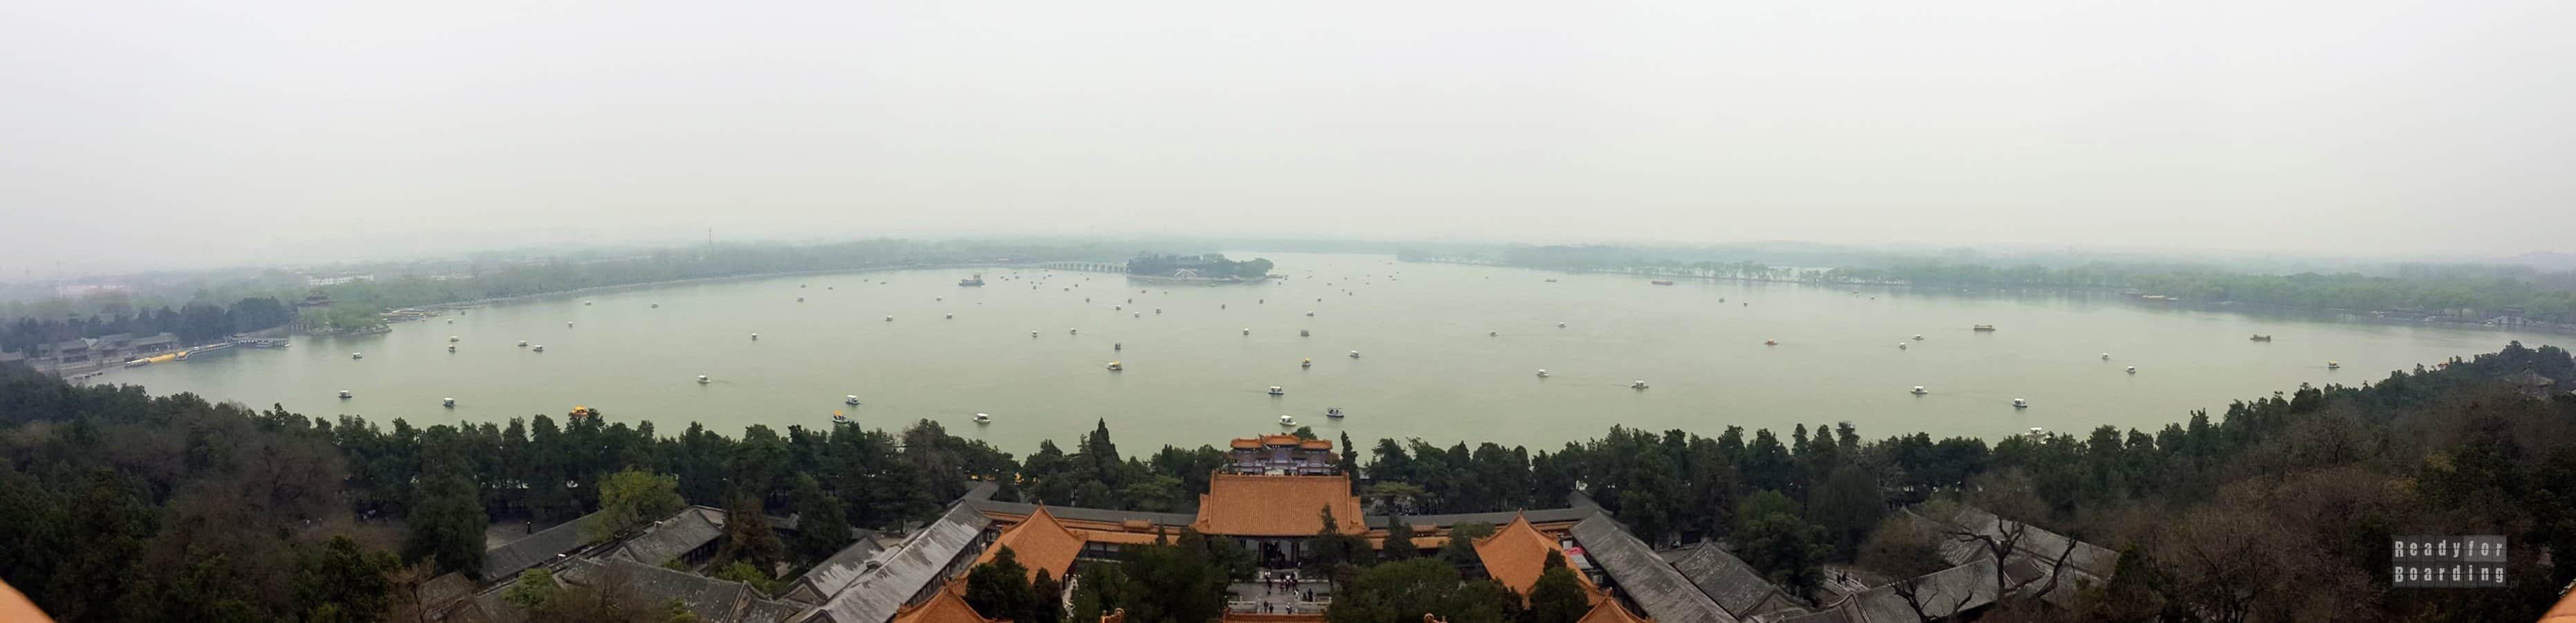 Panorama: Widok ze Wzgórza Długowieczności, Pałac Letni w Pekinie